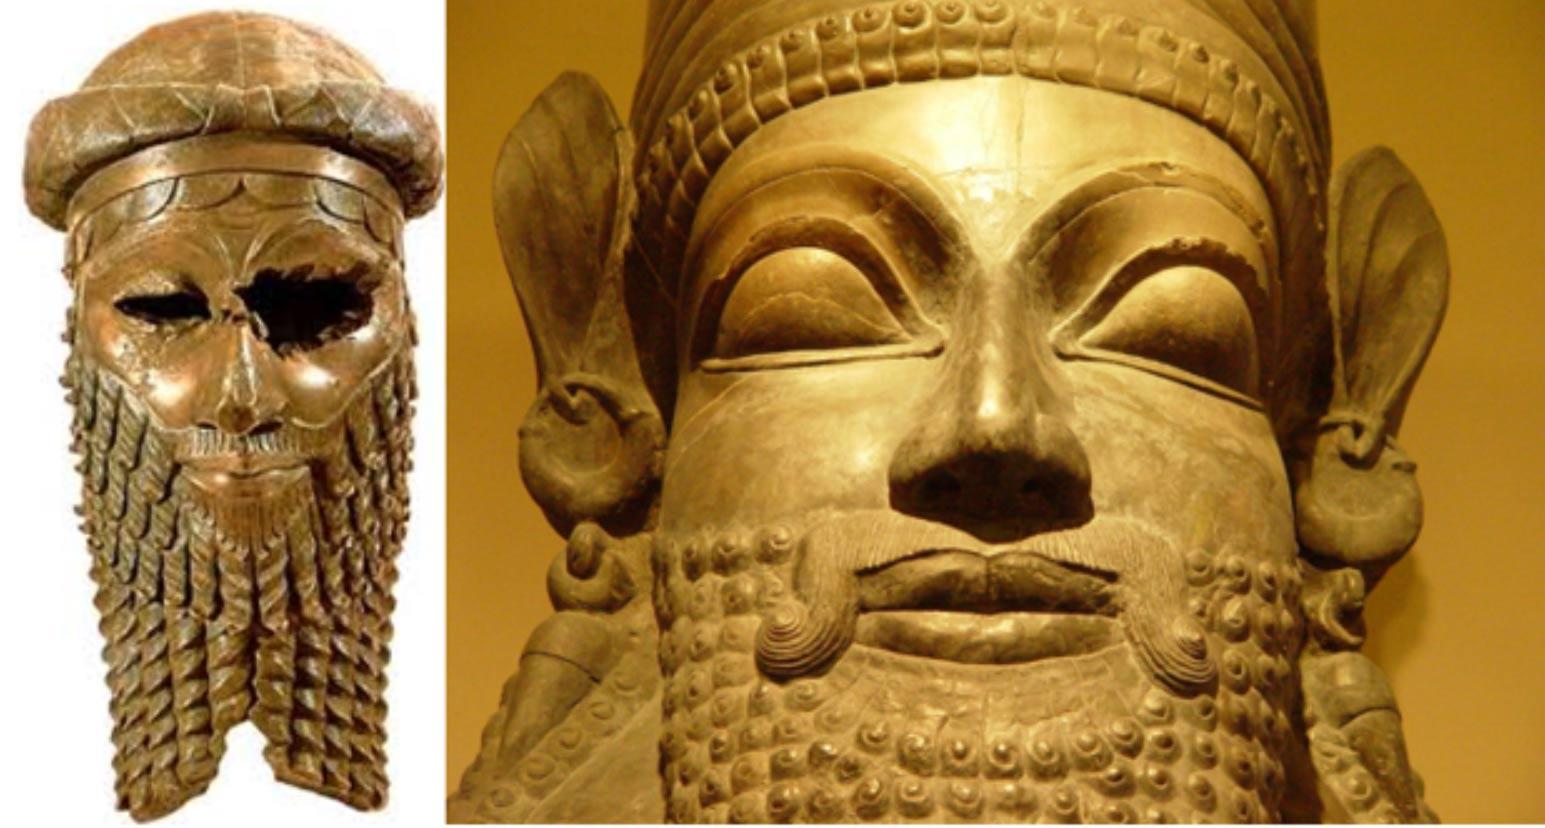 A la izquierda, cabeza que representa muy probablemente a Sargón de Acad. (CC BY 2.0). Derecha, el rey Sargón II. (CC BY-NC-ND 2.0)